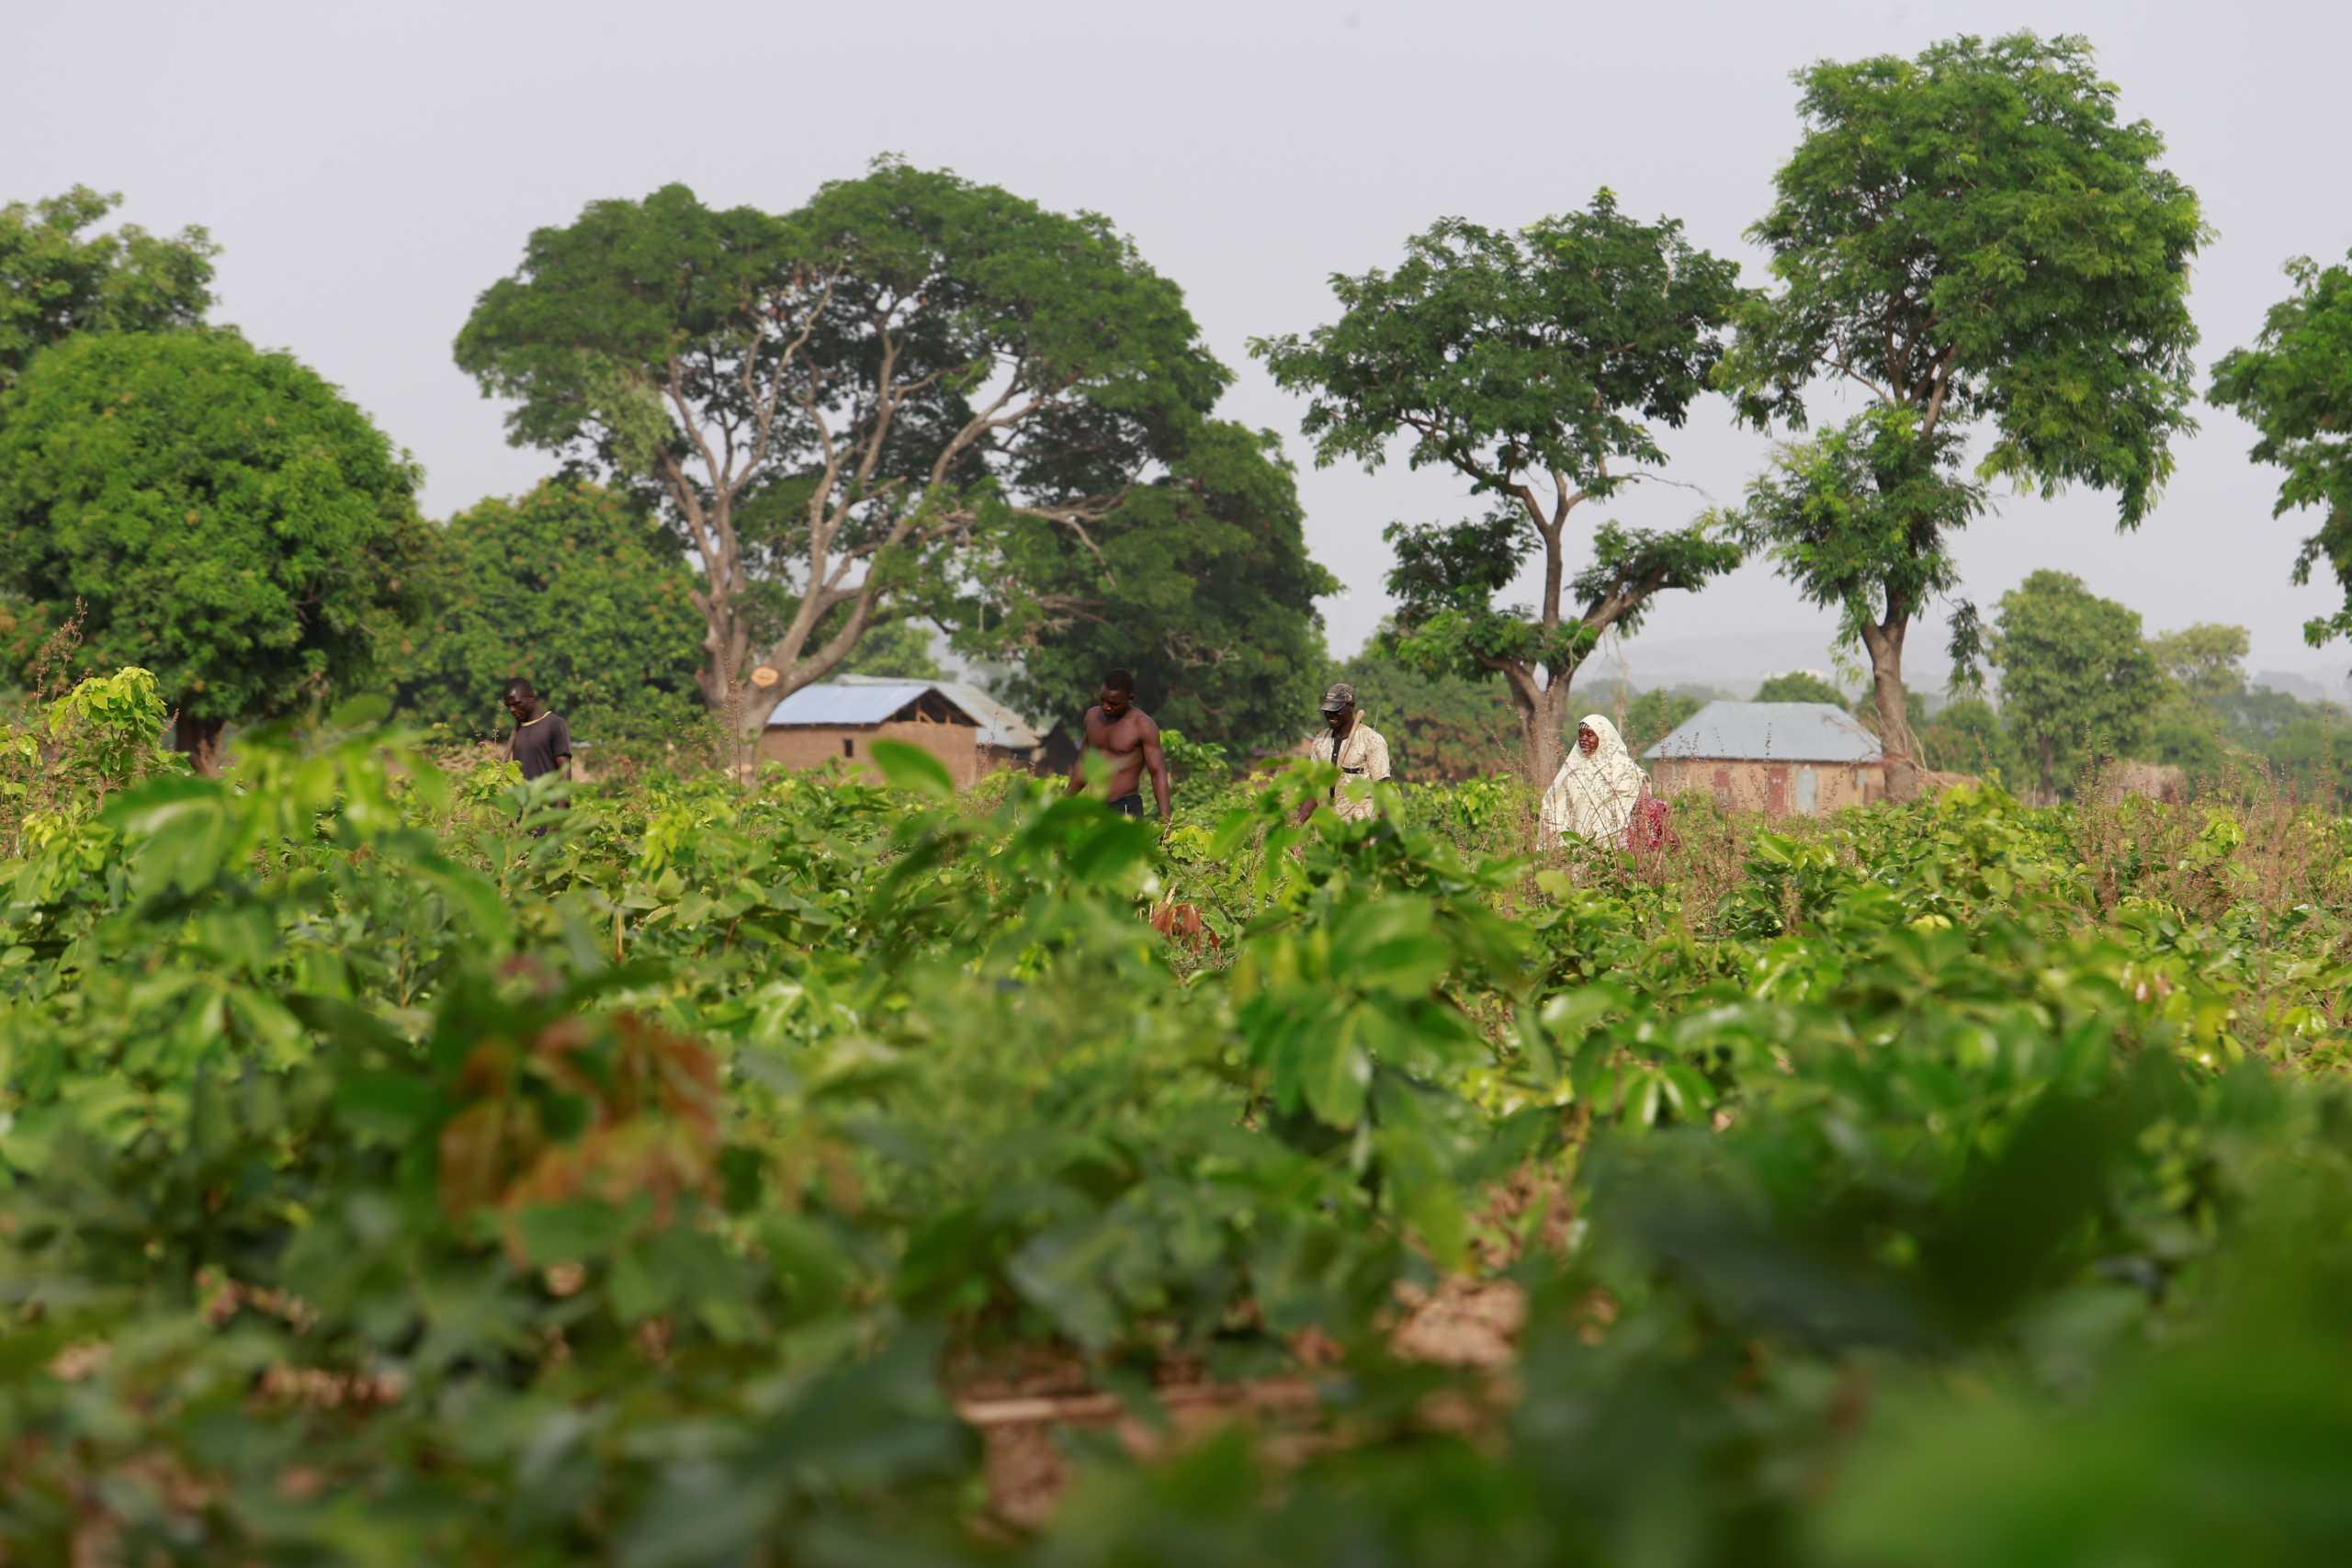 Νιγηρία: 66 νεκροί από ζωοκλέφτες σε επτά χωριά